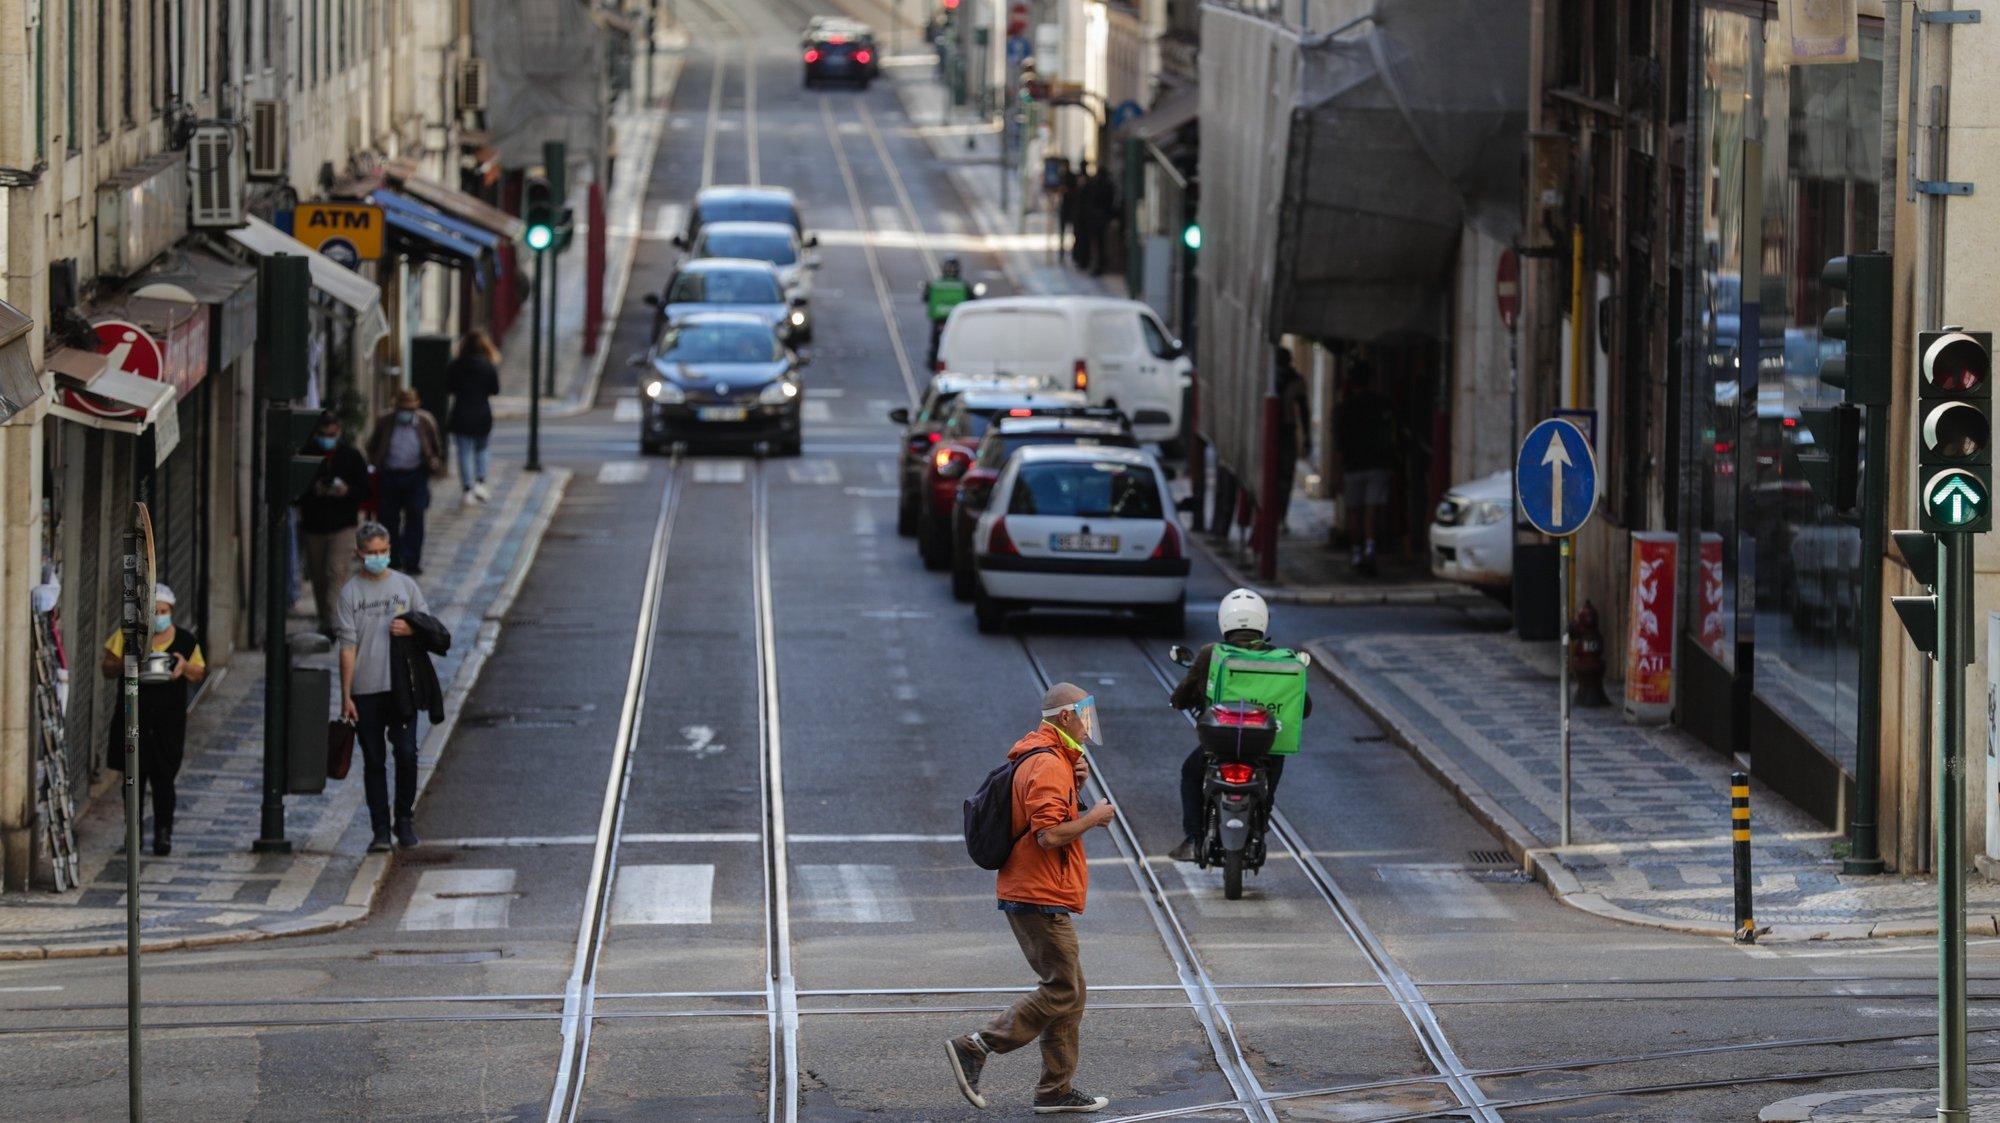 Um traseunte atravessa a rua na zona da baixa pombalina de Lisboa, 20 de novembro de 2020. A falta de turismo na cidade de Lisboa devido à pandemia de Covid 19 levou a que muitos estabelecimentos comerciais, alguns deles emblemáticos e de familias há gerações estejam em risco de fechar. (ACOMPANHA TEXTO DA LUSA DE 22 DE NOVEMBRO DE 2020) TIAGO PETINGA/LUSA